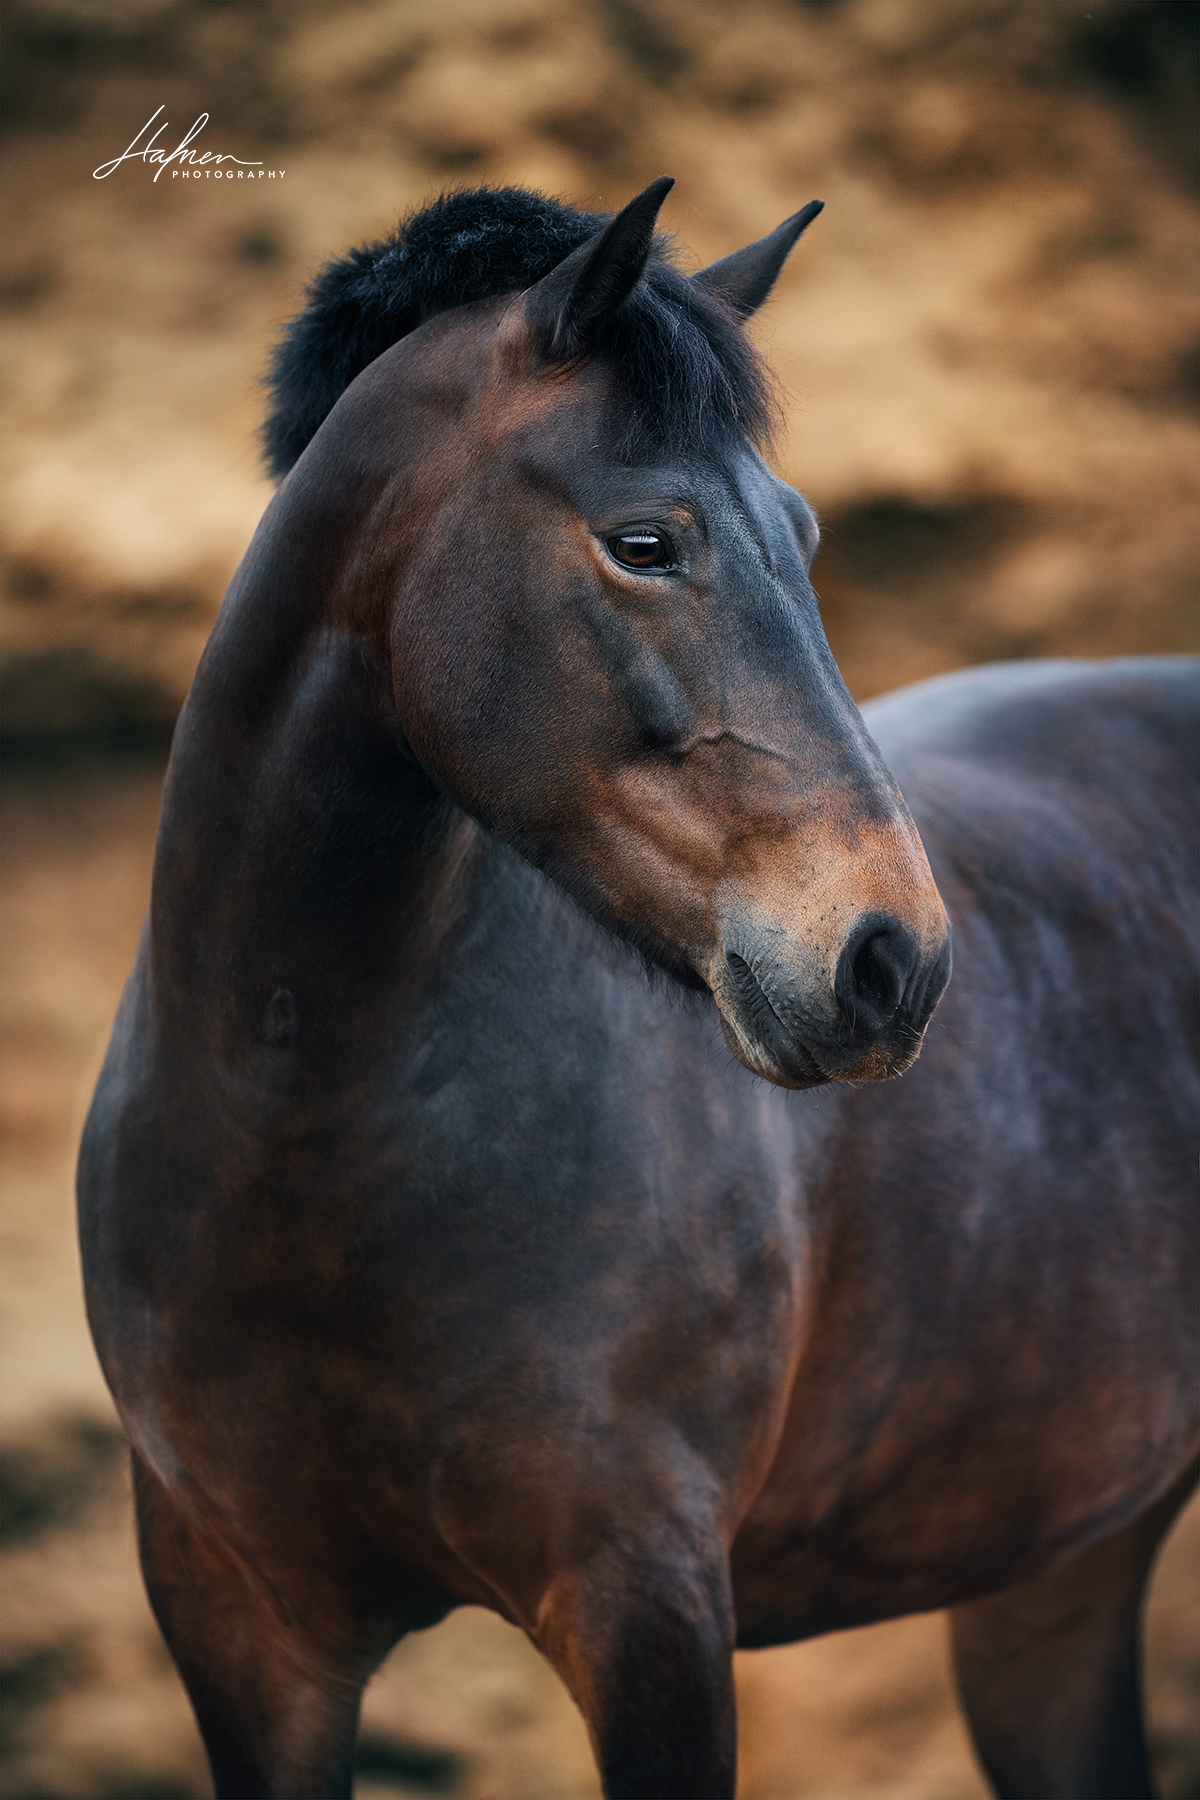 Dunkelbraune Pony Stute im Portrait | Pferd | Bilder | Foto | Fotografie | Fotoshooting | Pferdefotografie | | Pferdefotoshootin | Pferdeshooting | Schweiz | Pferdefotograf | Ideen | Inspiration | Pferdefotos | Horse | Photography | Photo | Pictures | Equine #dogsphotography